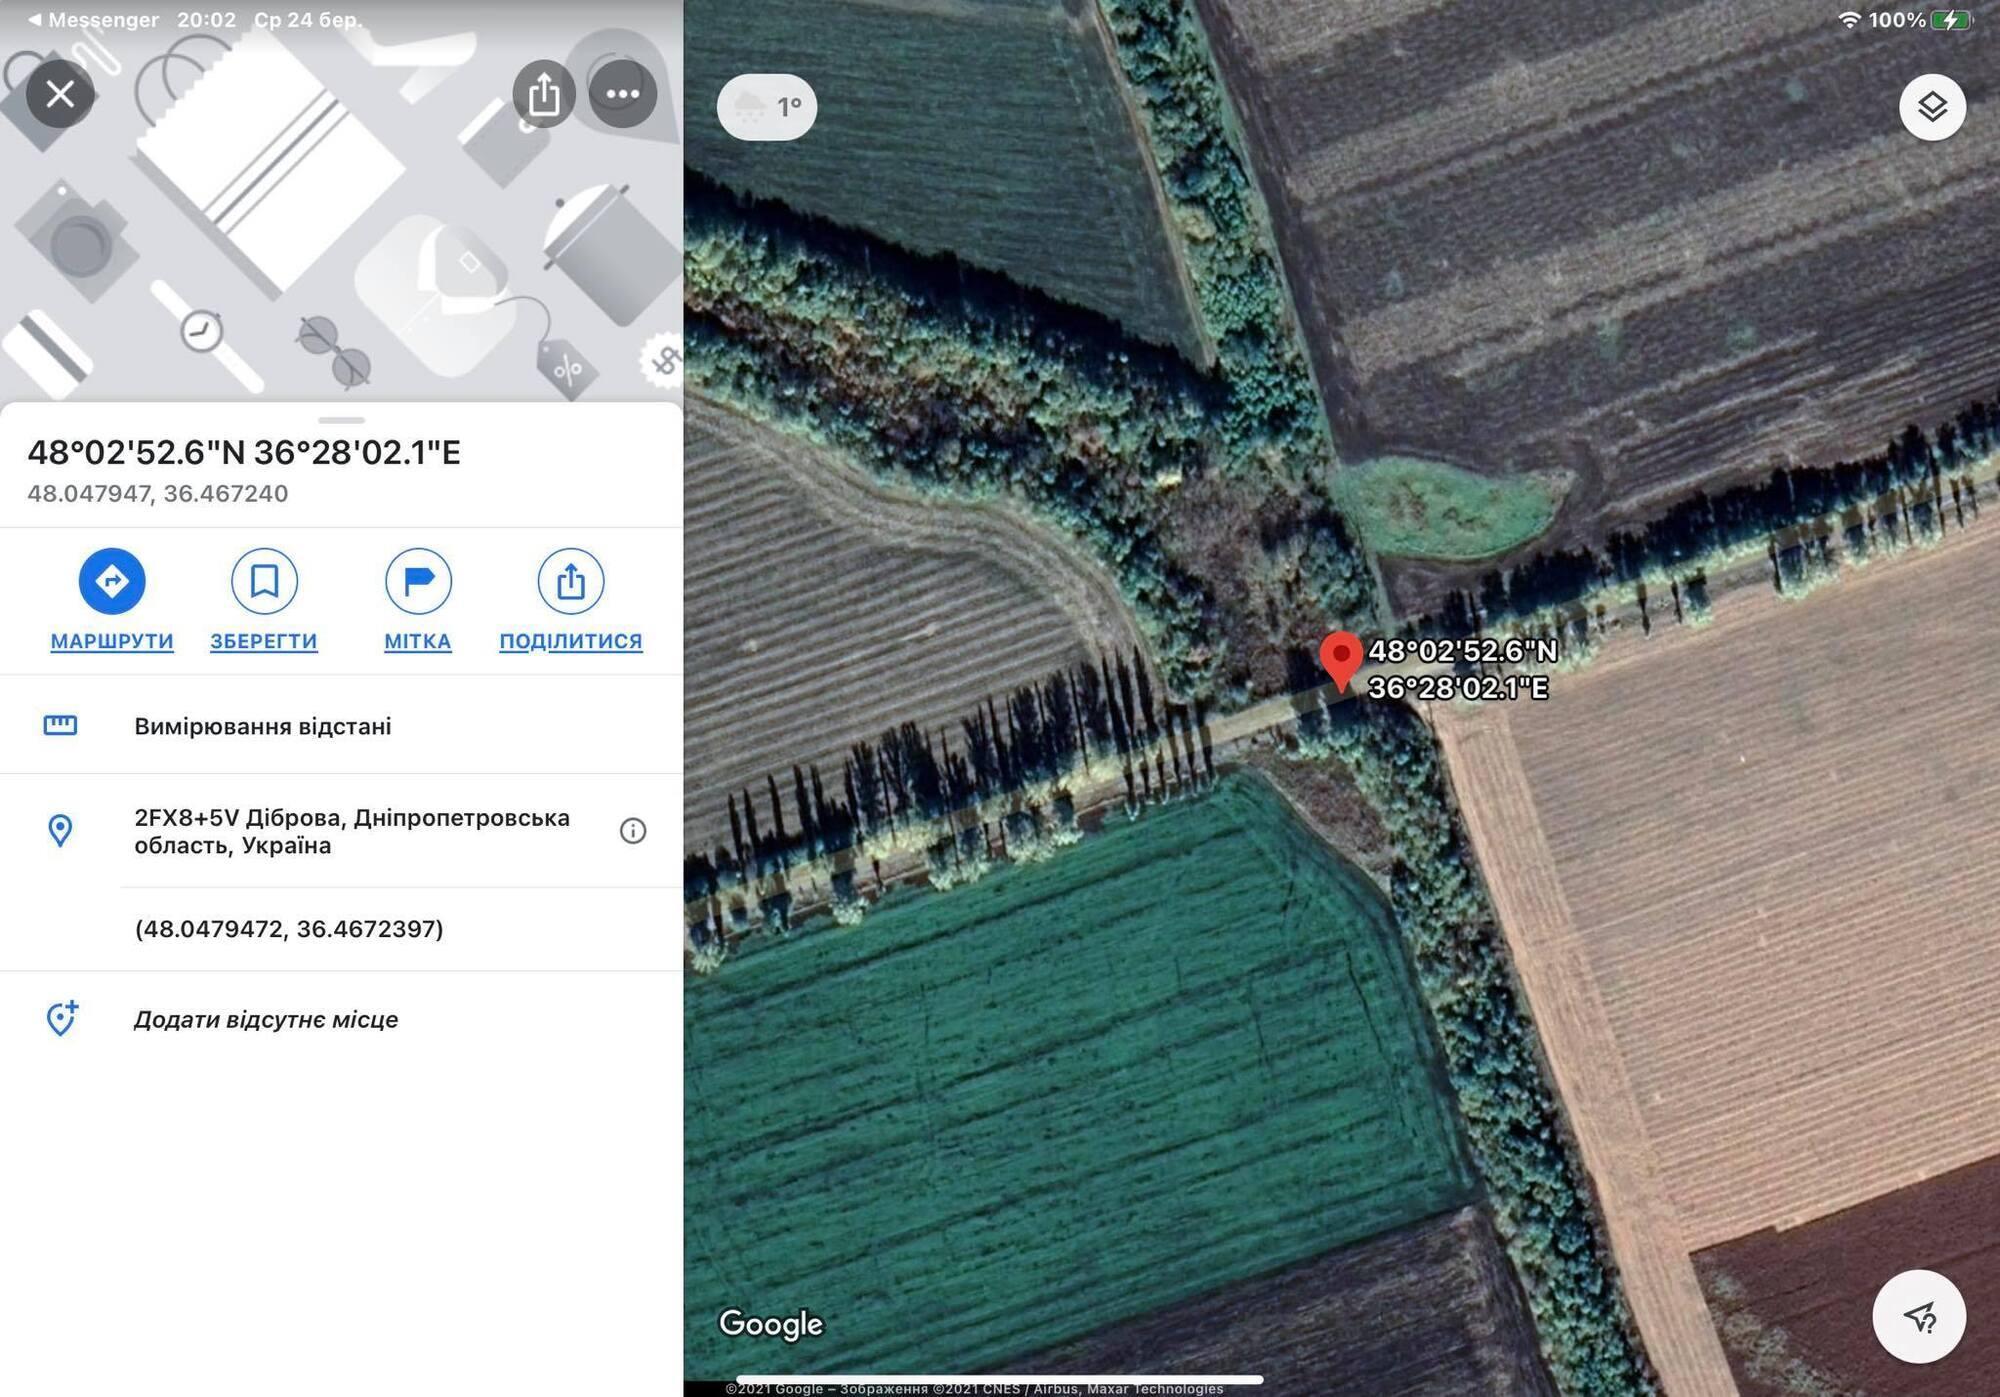 Локация фото, сделанного на границе Донецкой и Днепропетровской областей.